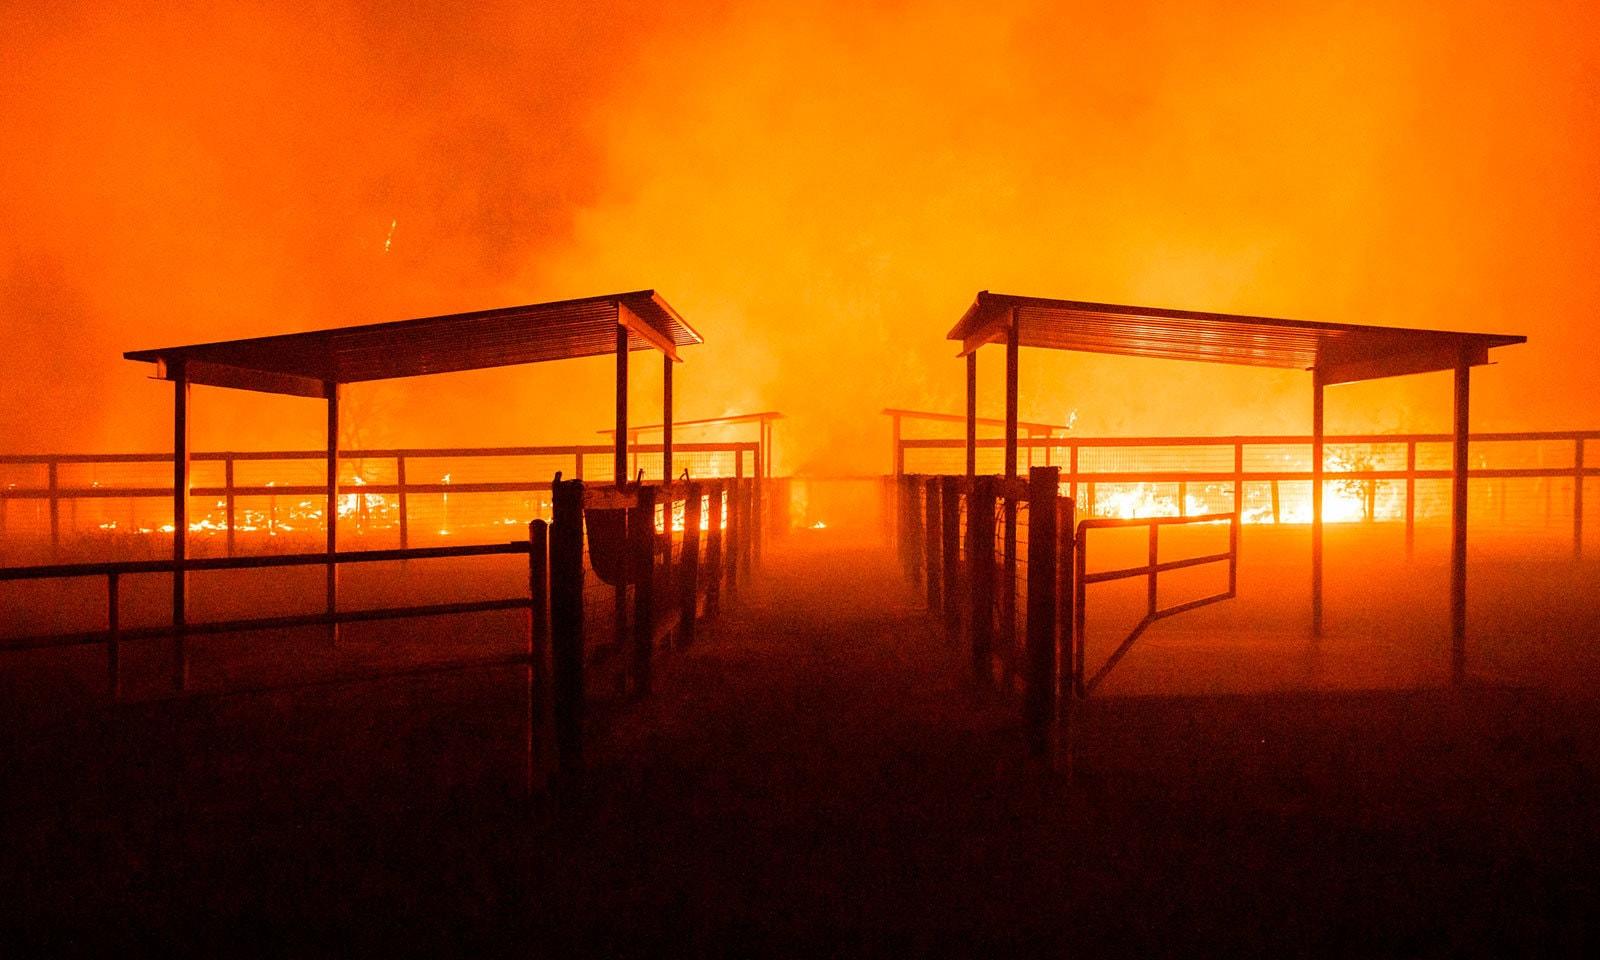 آگ پر قابو پانے کے لیے ہیلی کاپٹر کو بھی استعمال کیا گیا—فوٹو:اے ایف پی